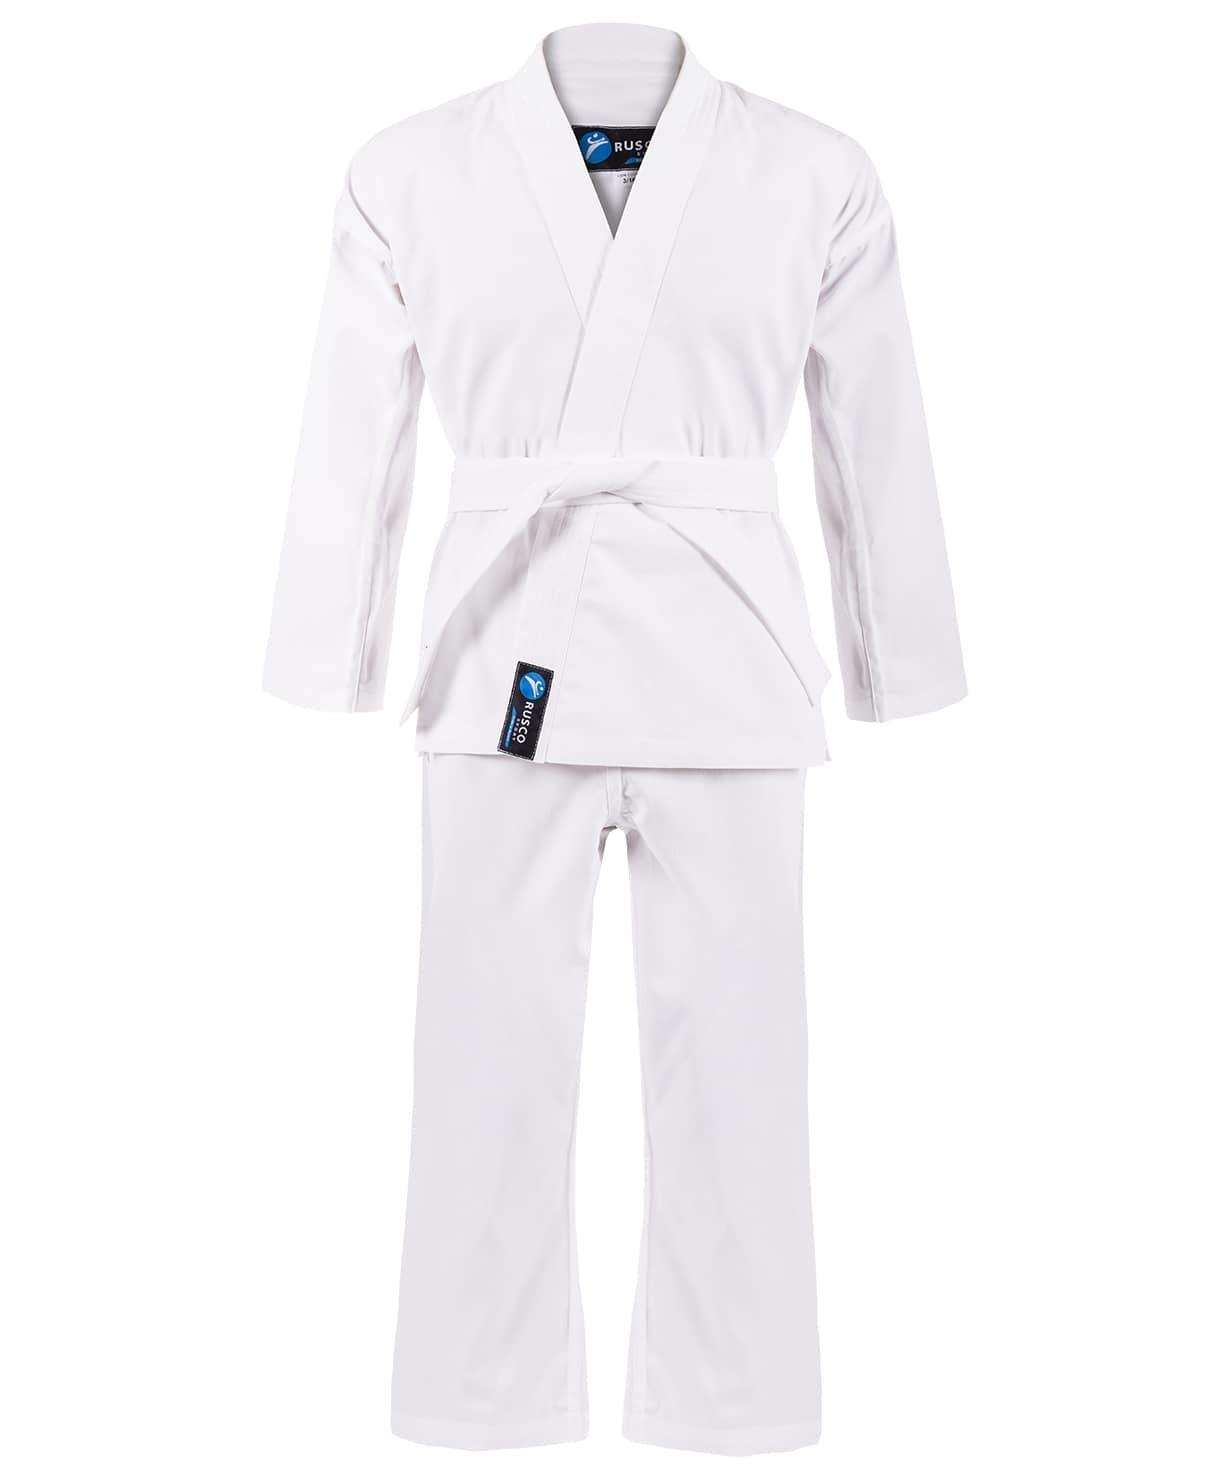 Кимоно для карате для начинающих, белый, р.000/110